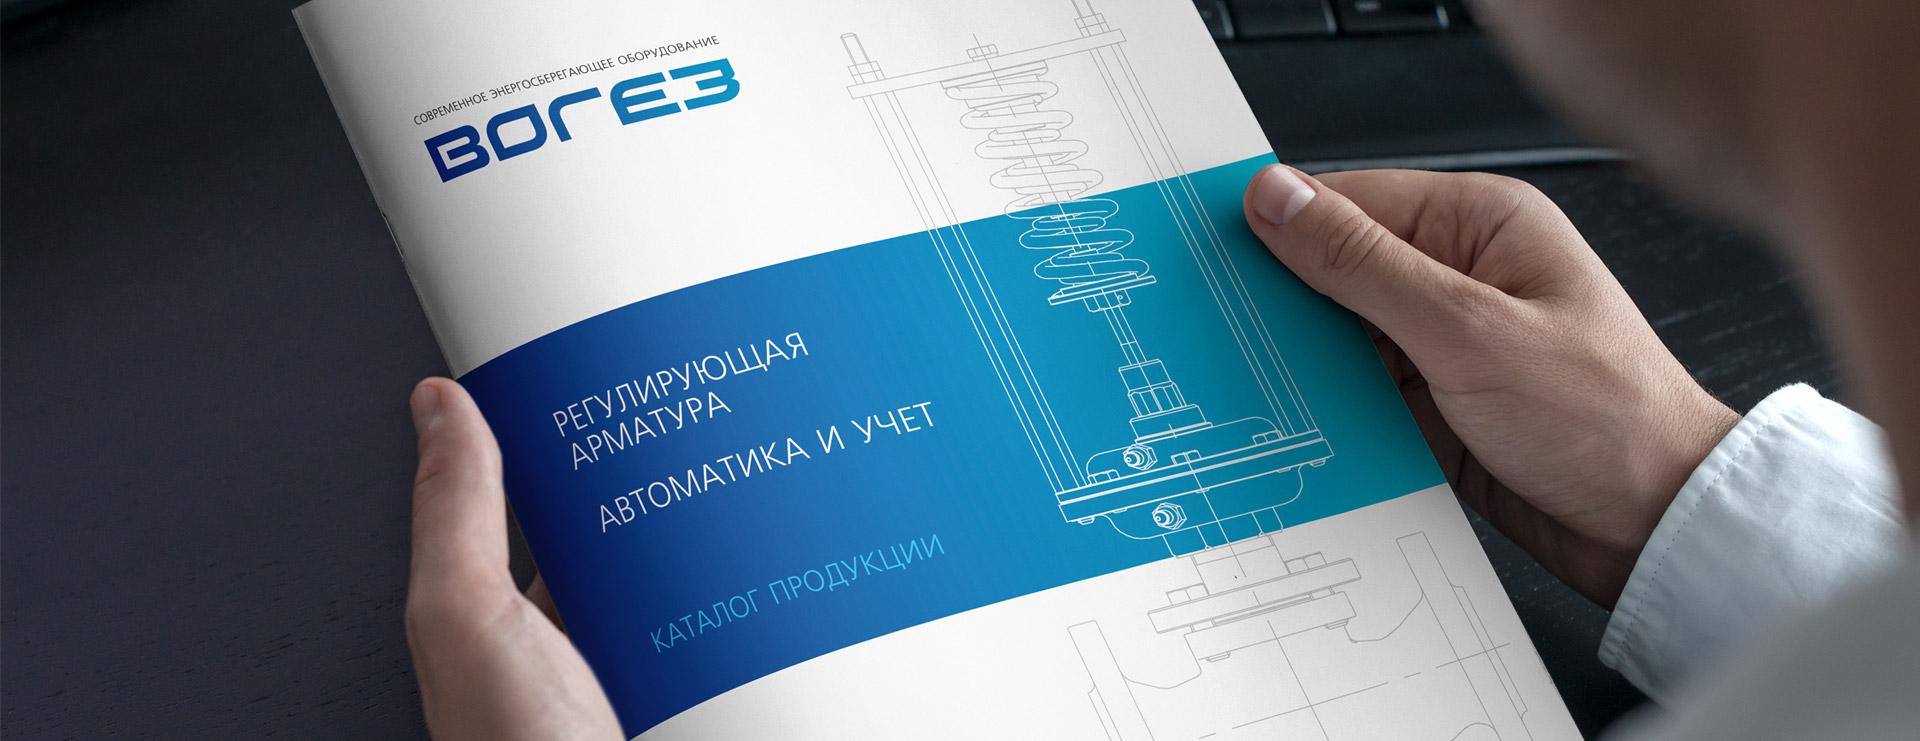 Разработка-каталога-продукции-Вогез